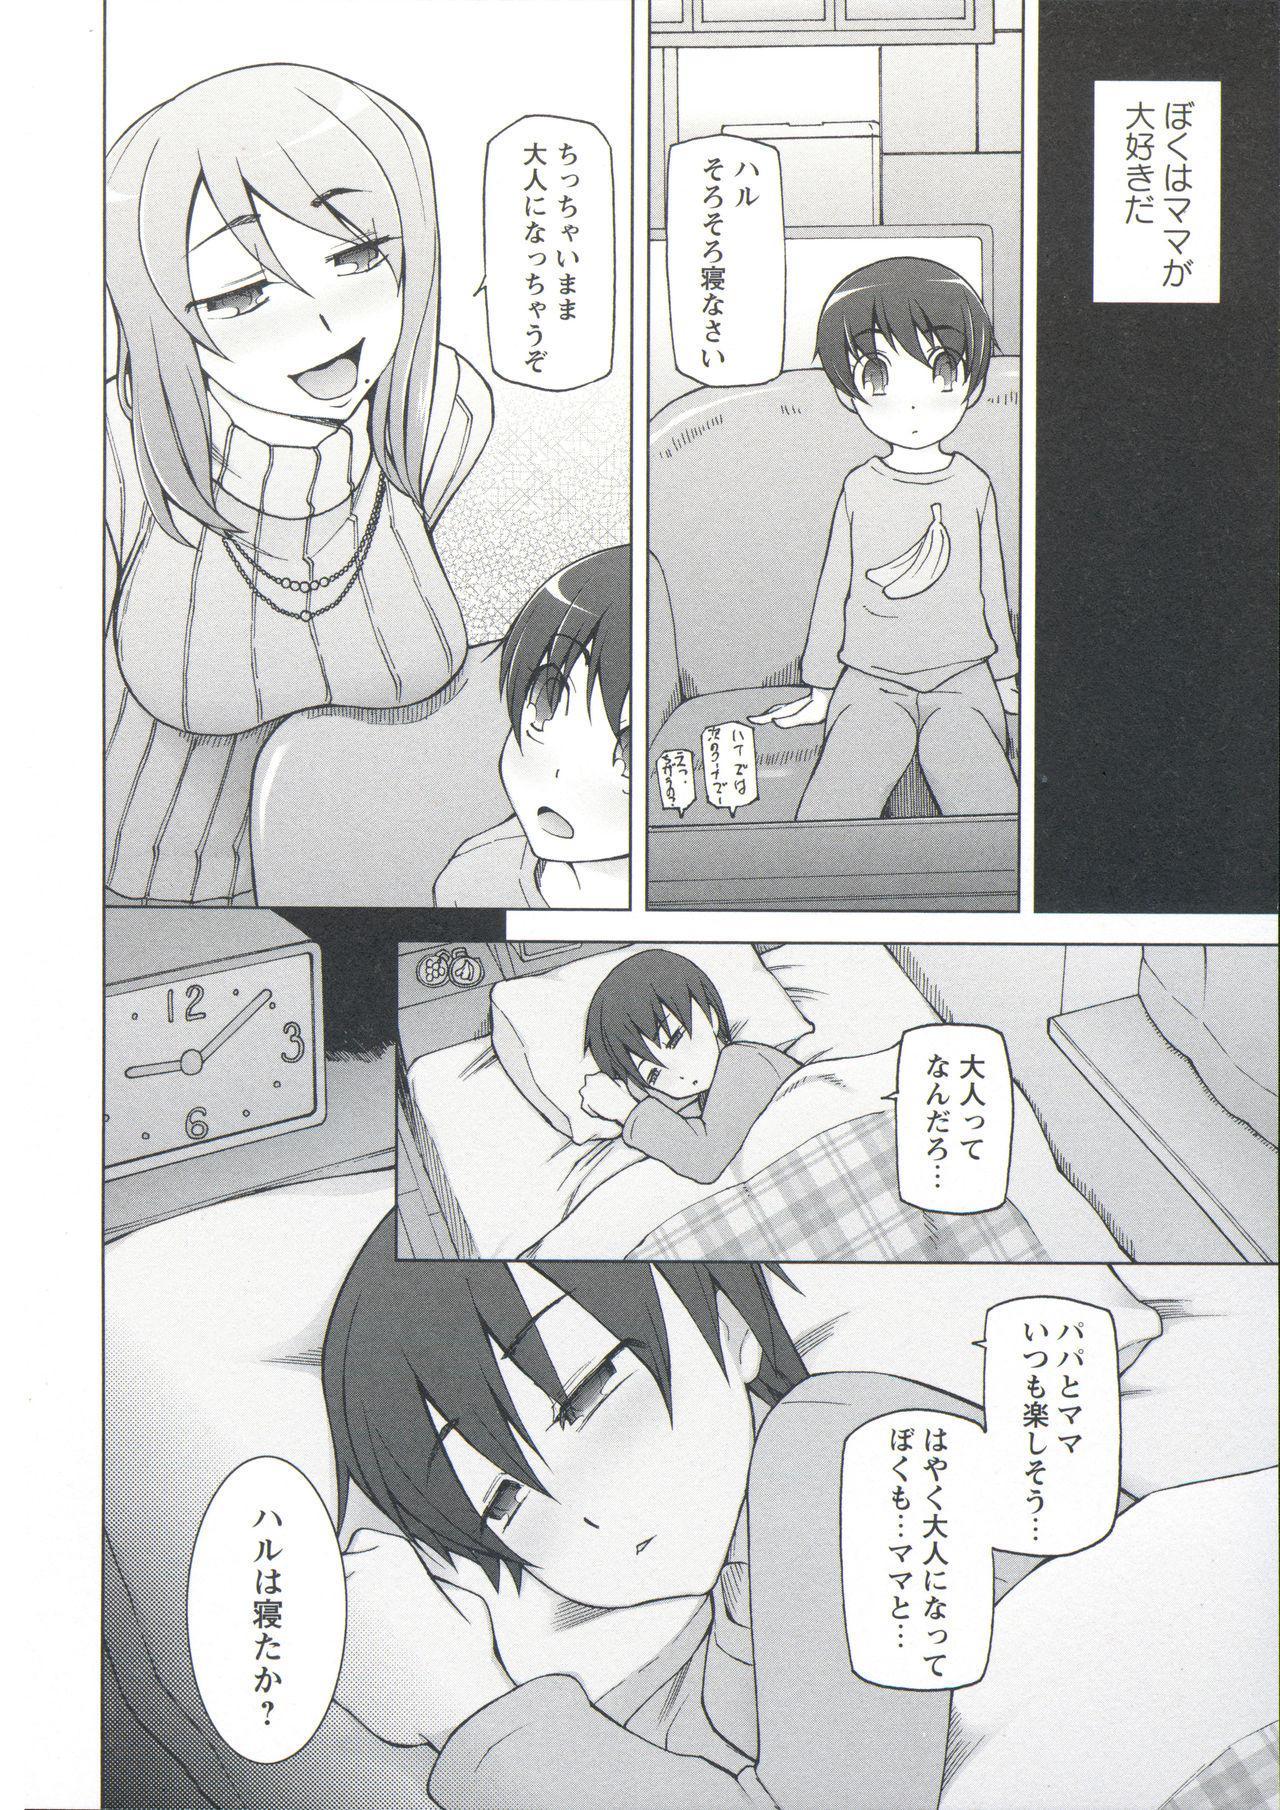 Zettai Jusei Namahame Shoujo 163